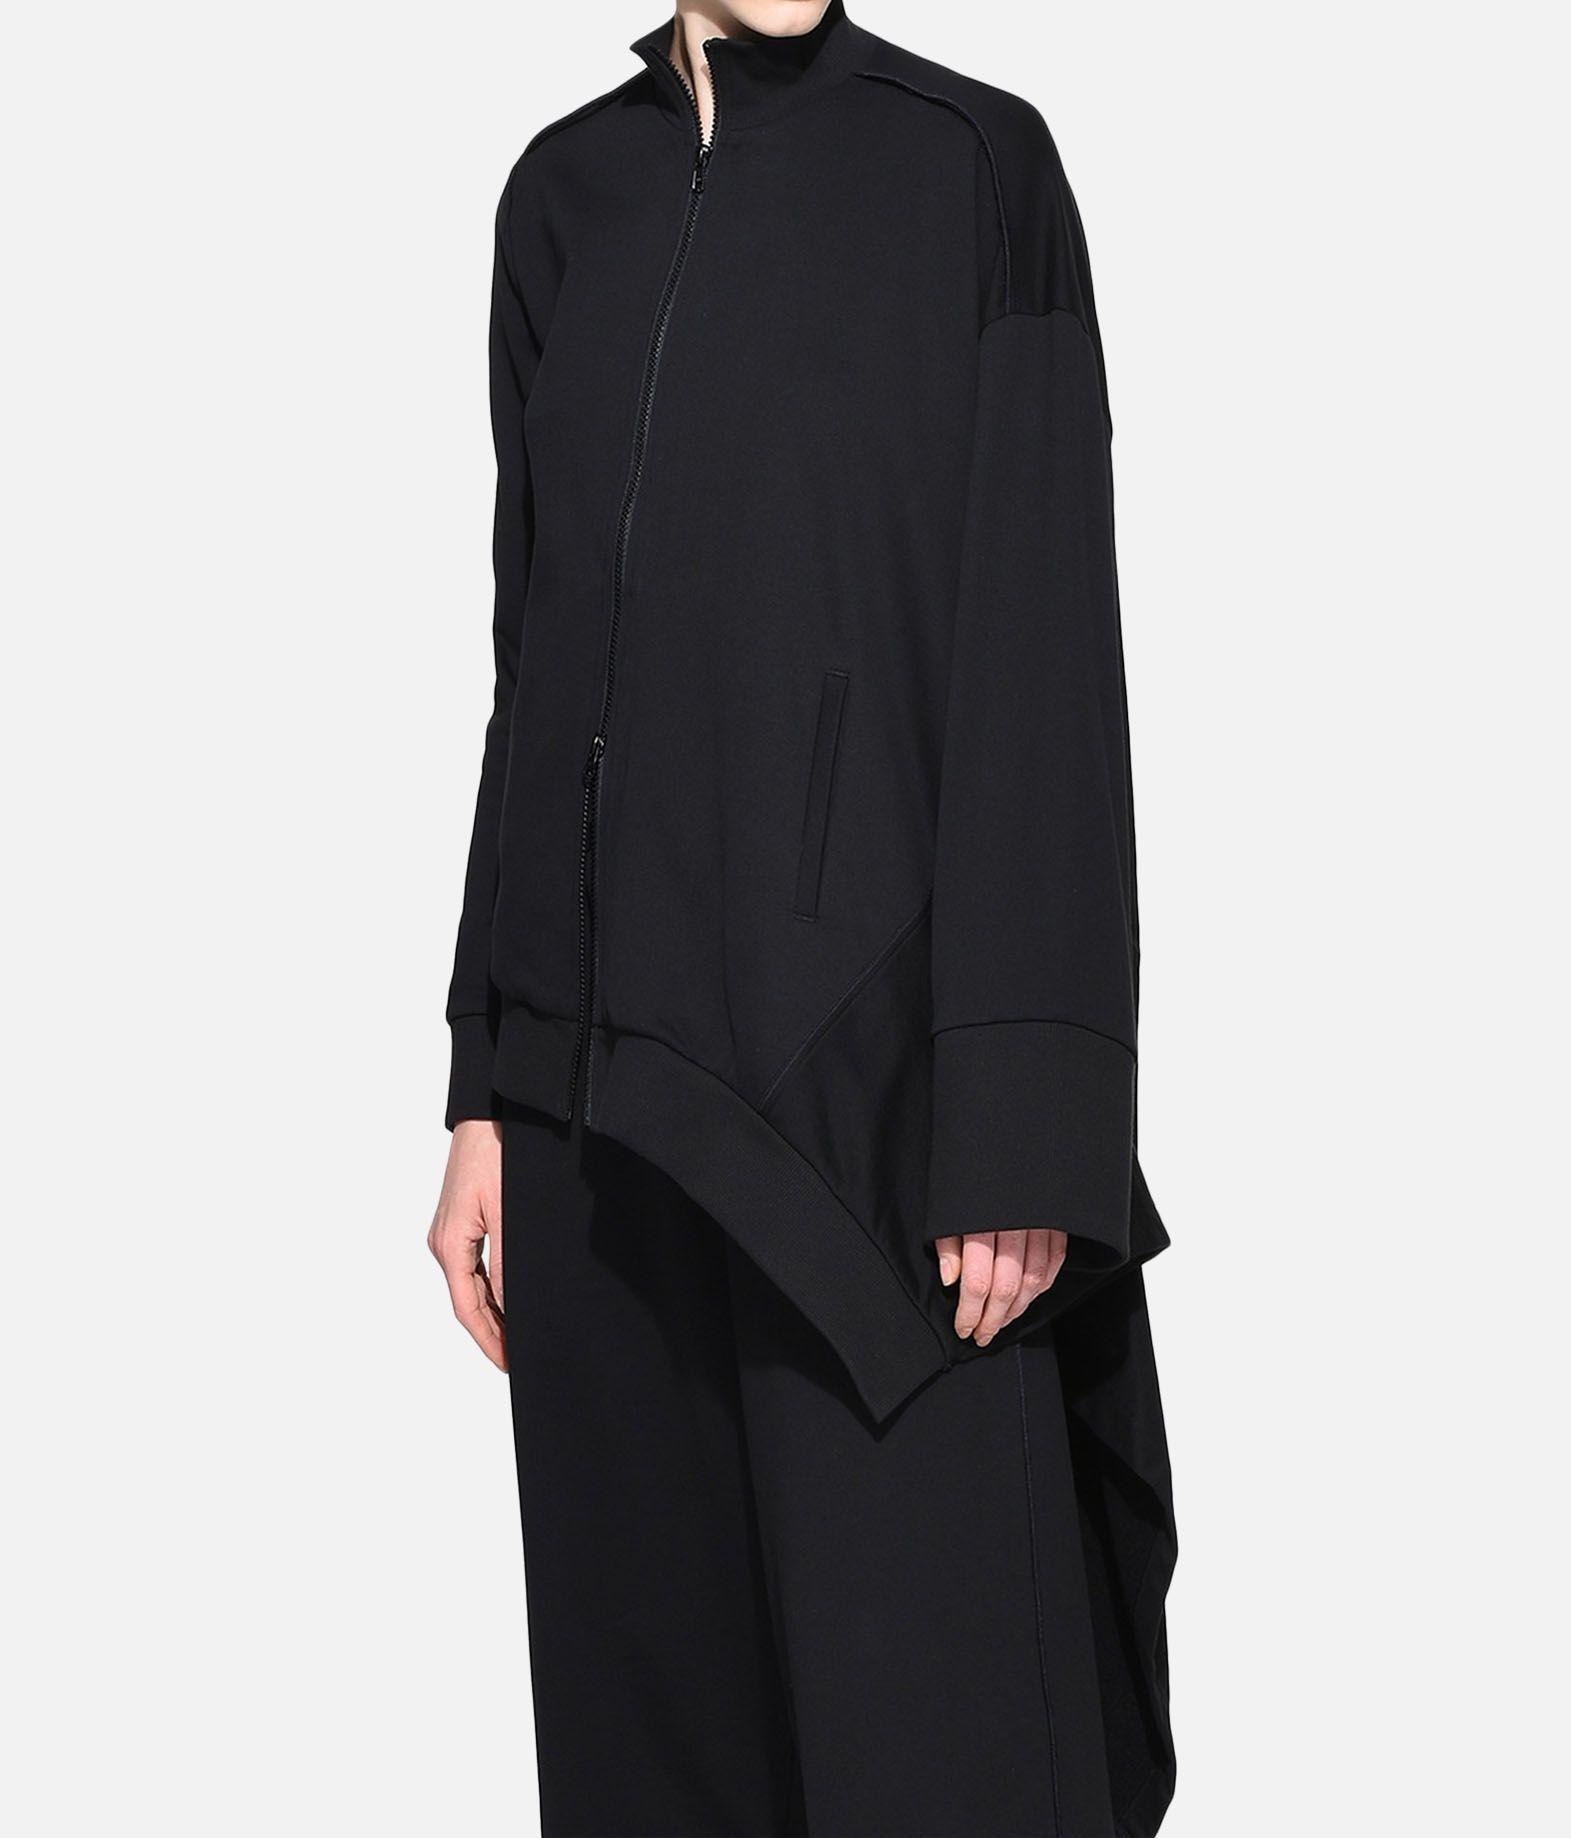 Y-3 Y-3 Tailed Track Jacket Пиджак Для Женщин a